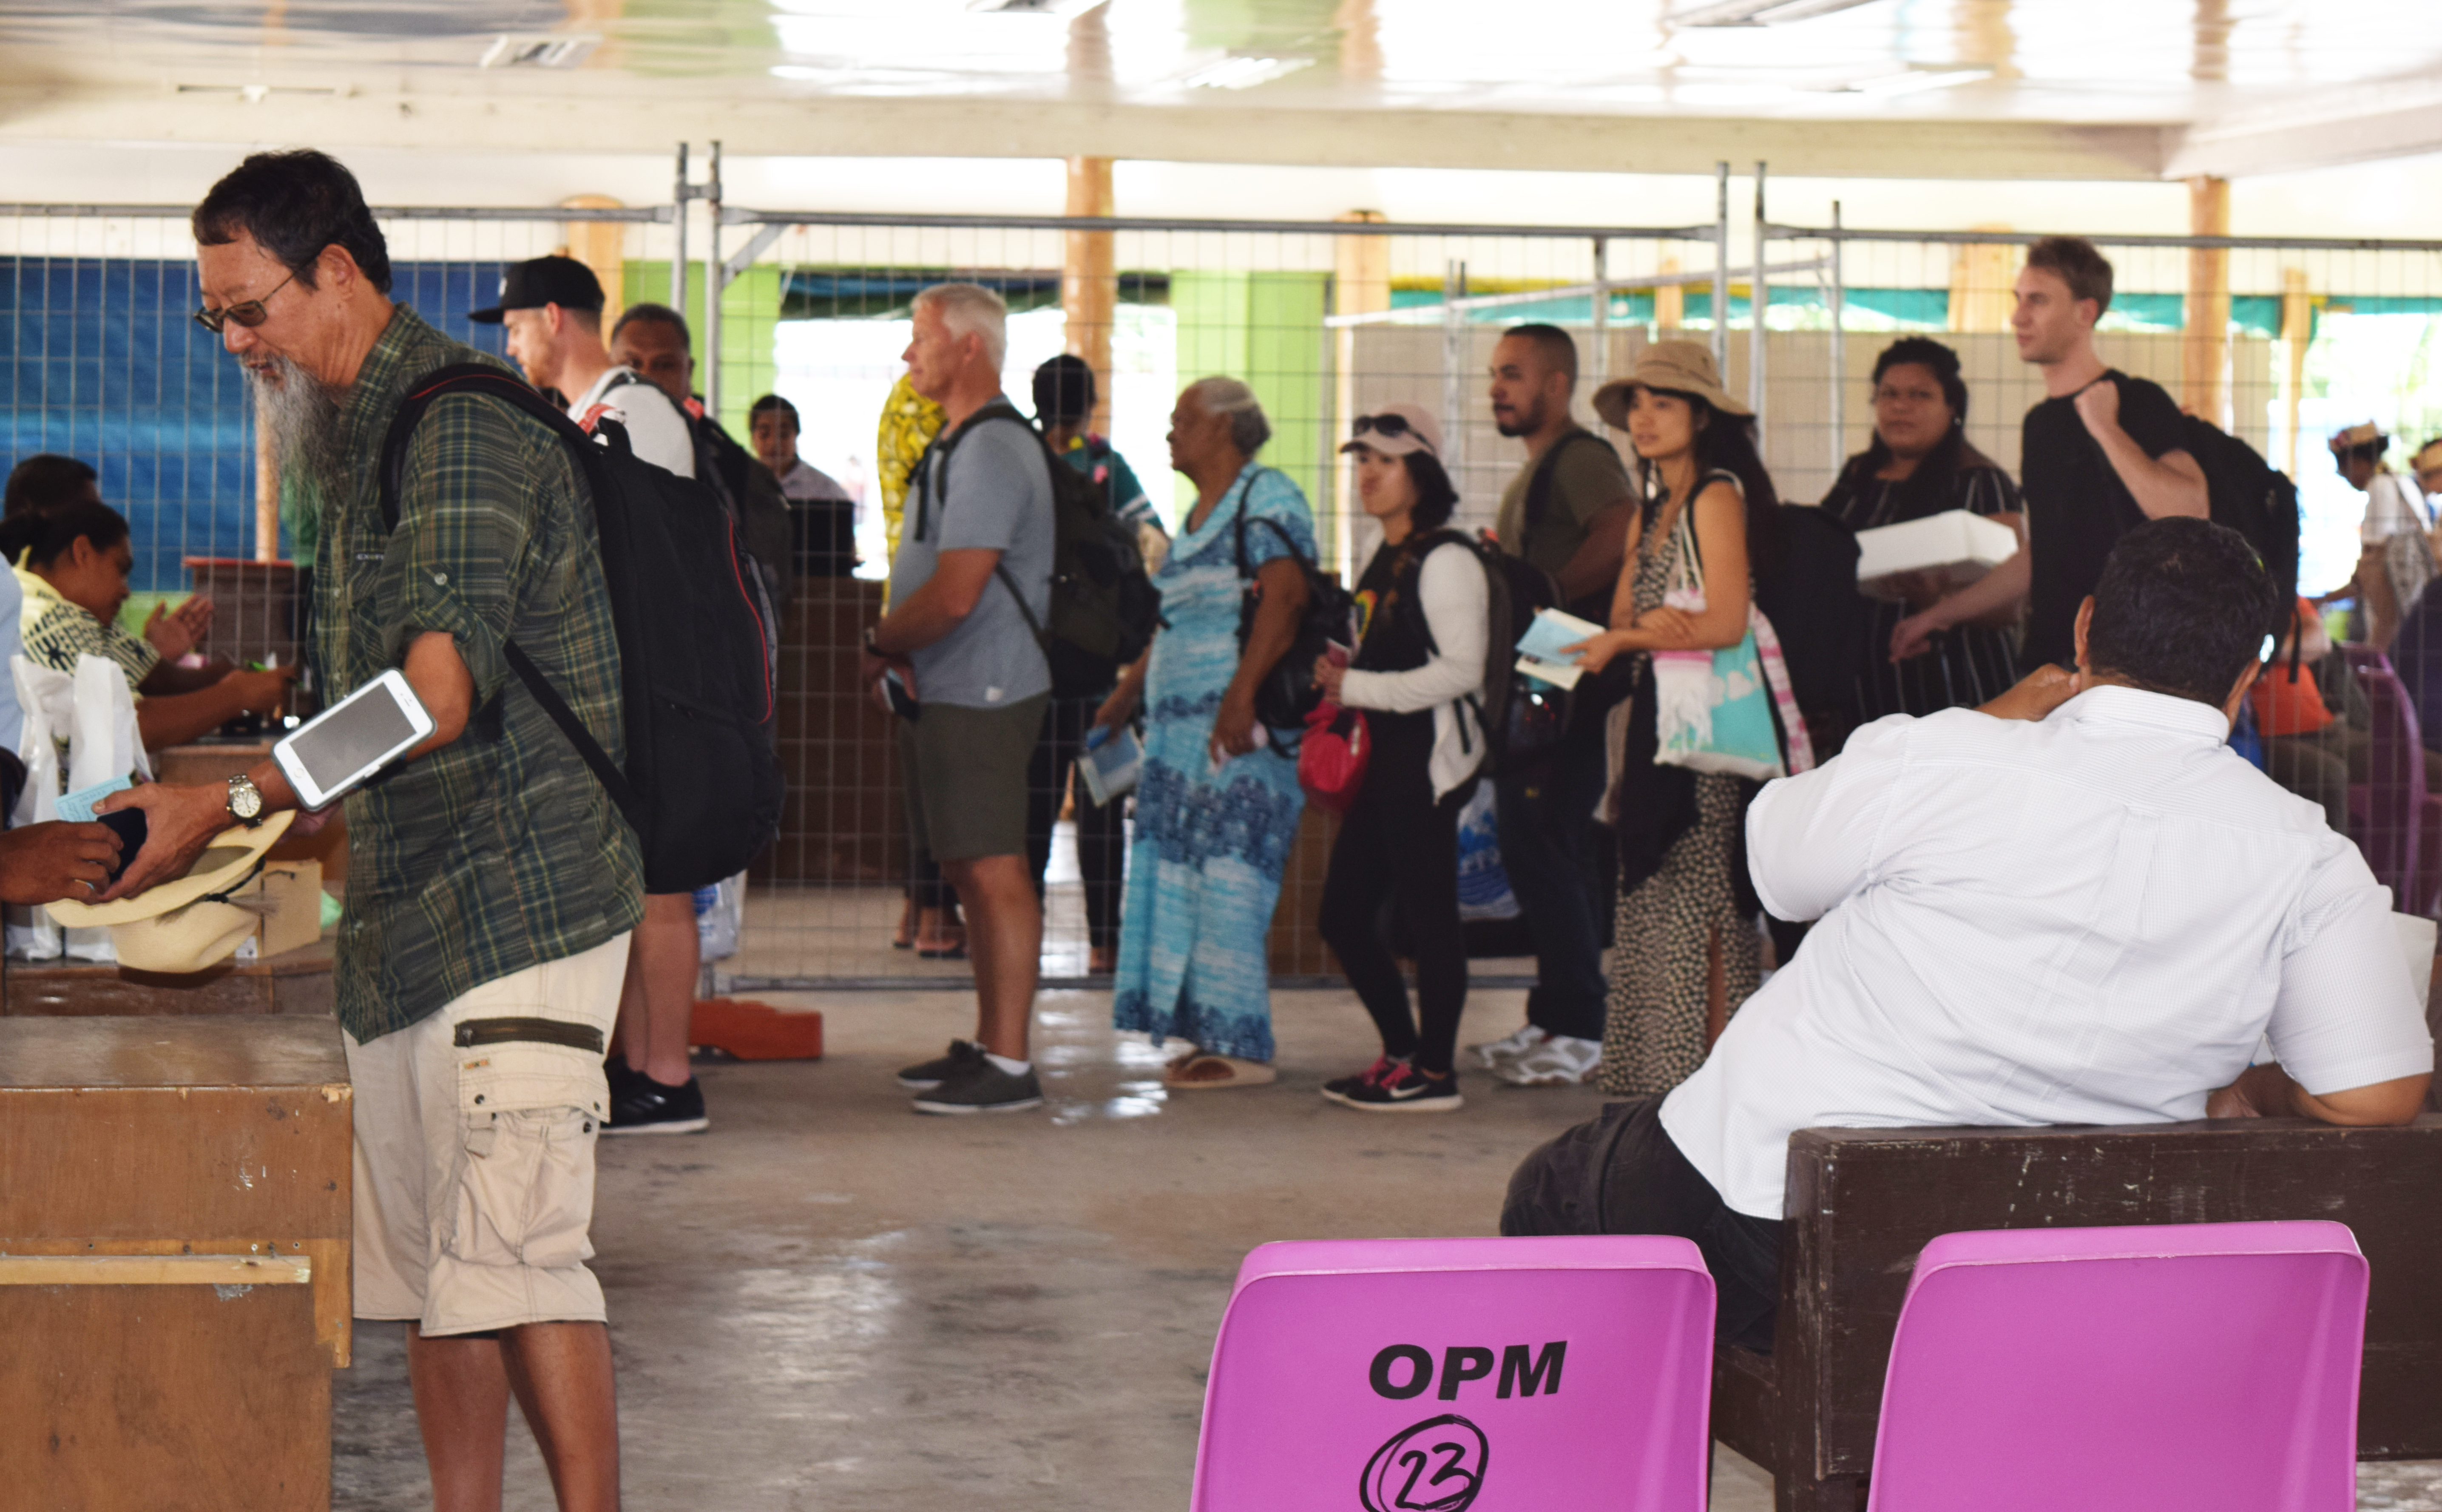 空港で入稿審査に並ぶ人々の列